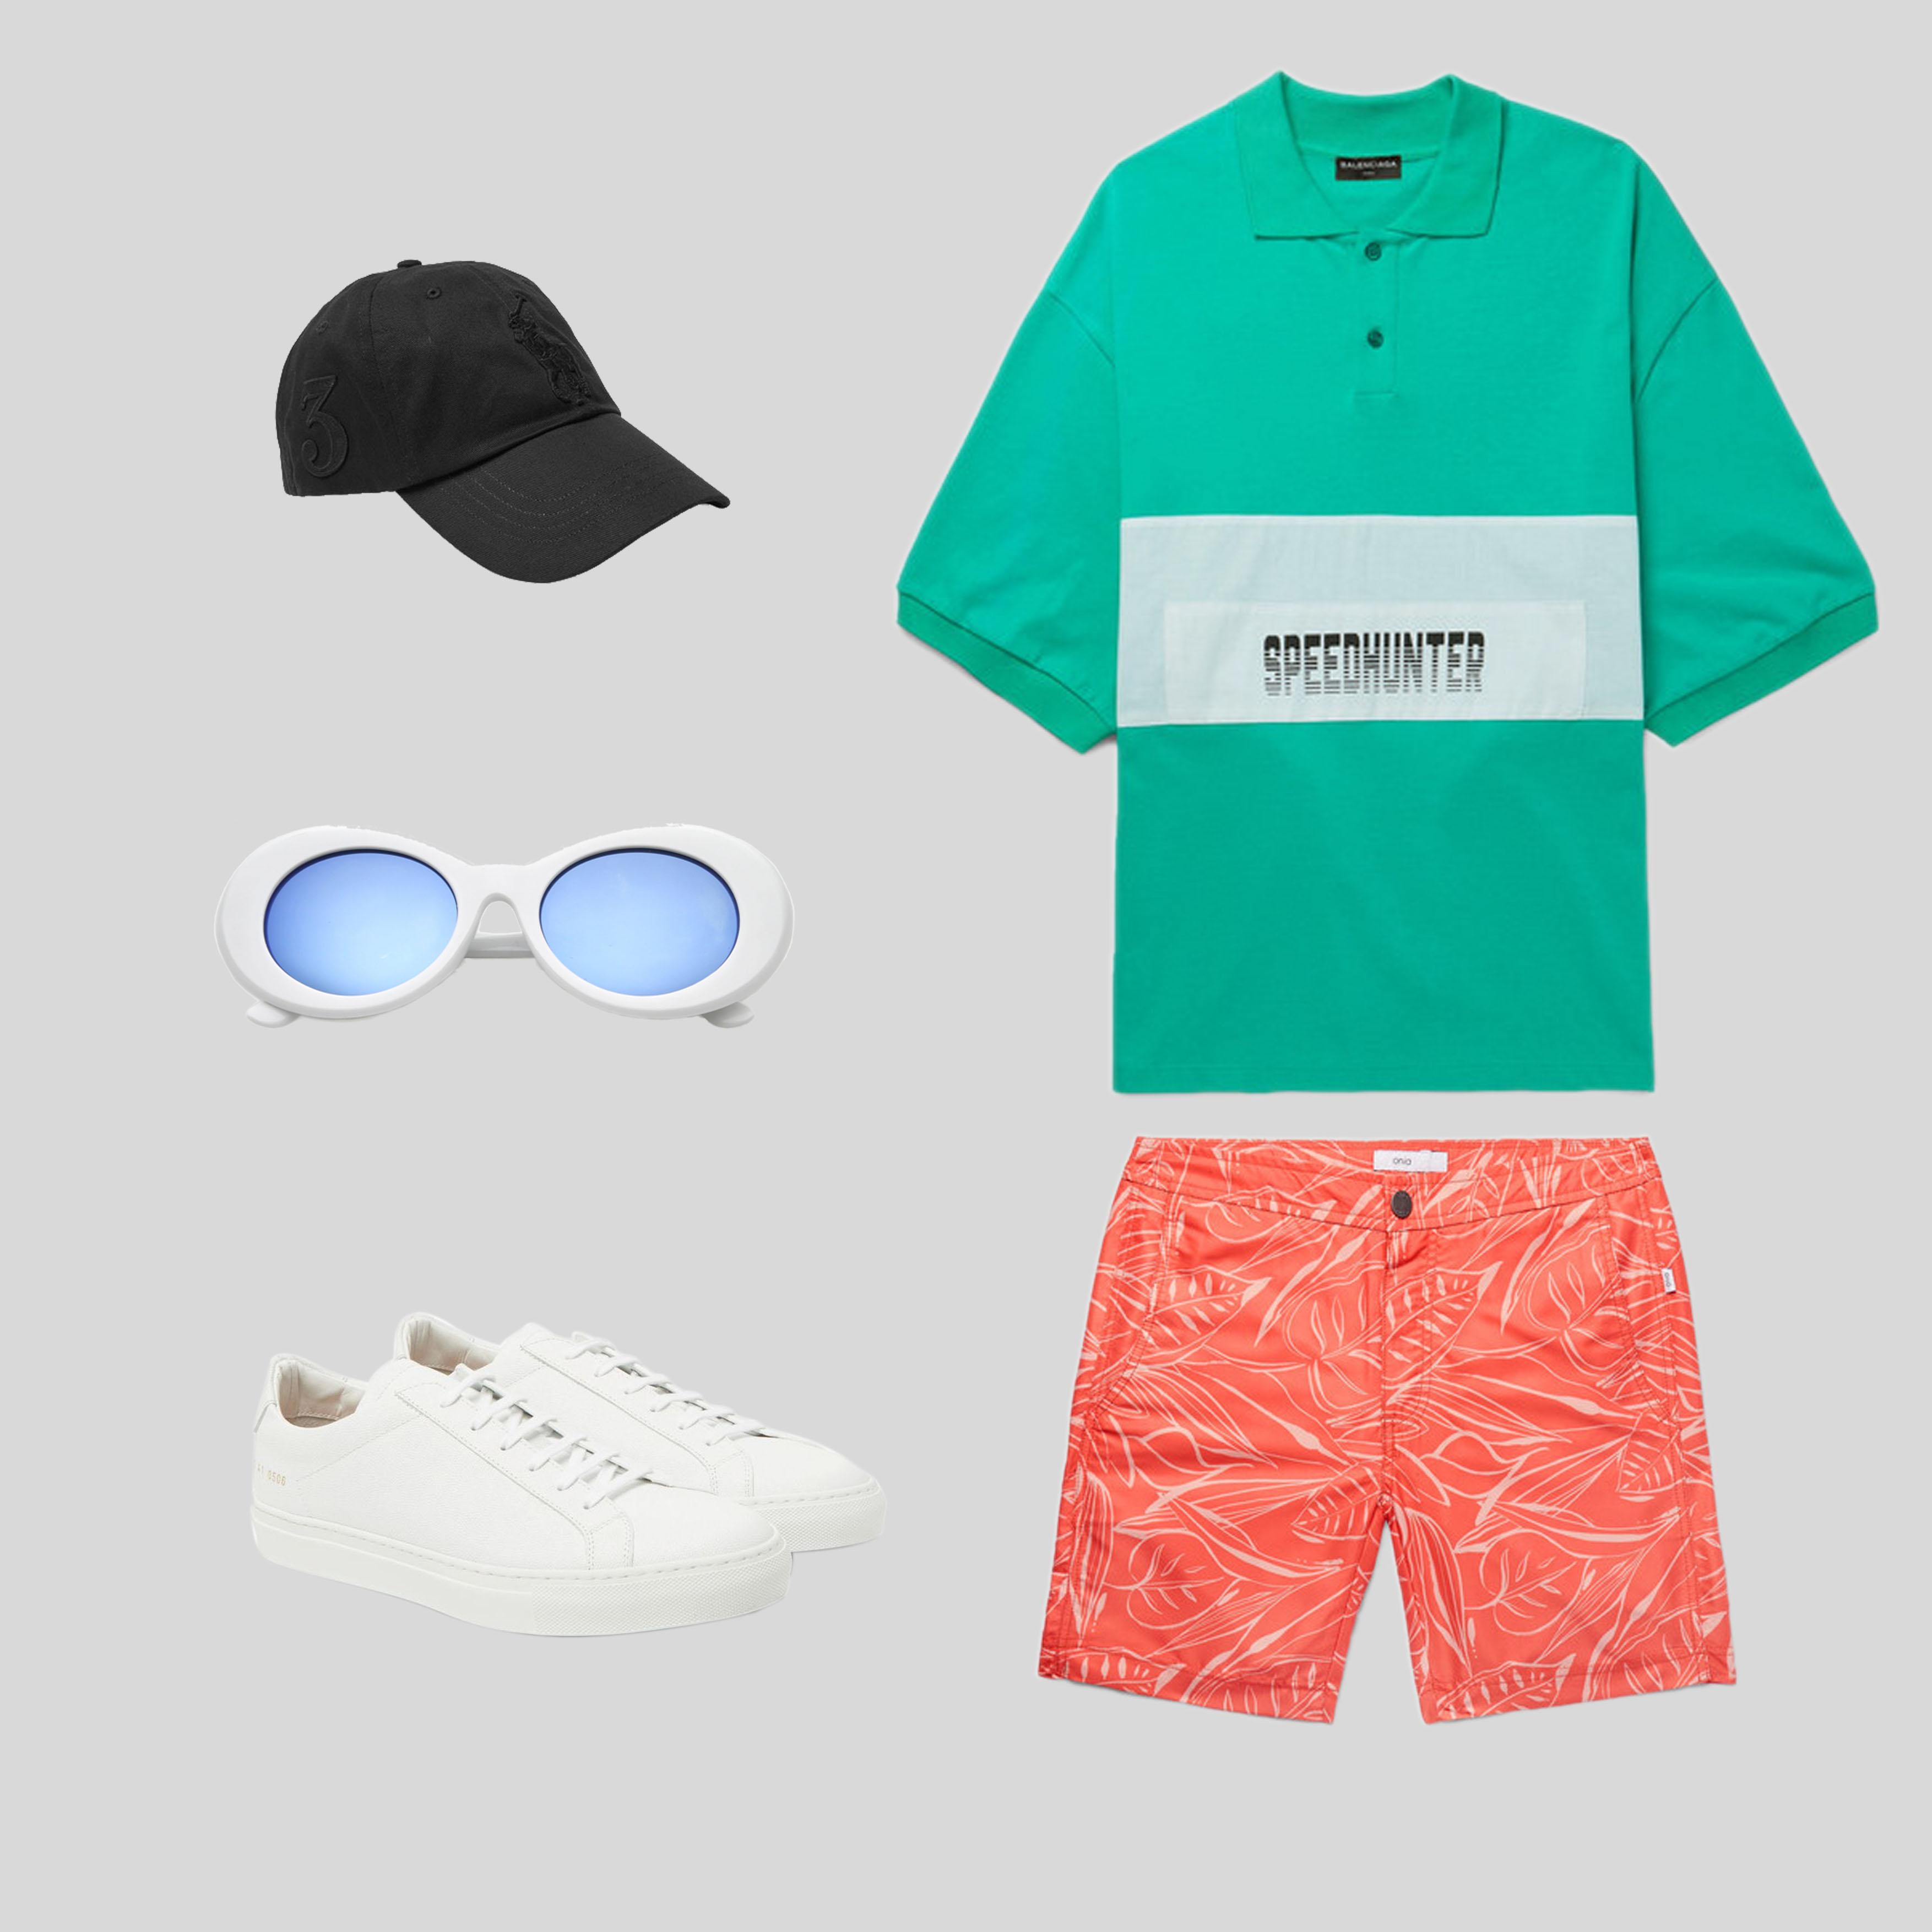 ELLE Man Style Calendar 'F5' phong cách với chiếc quần short đi biển. (7)